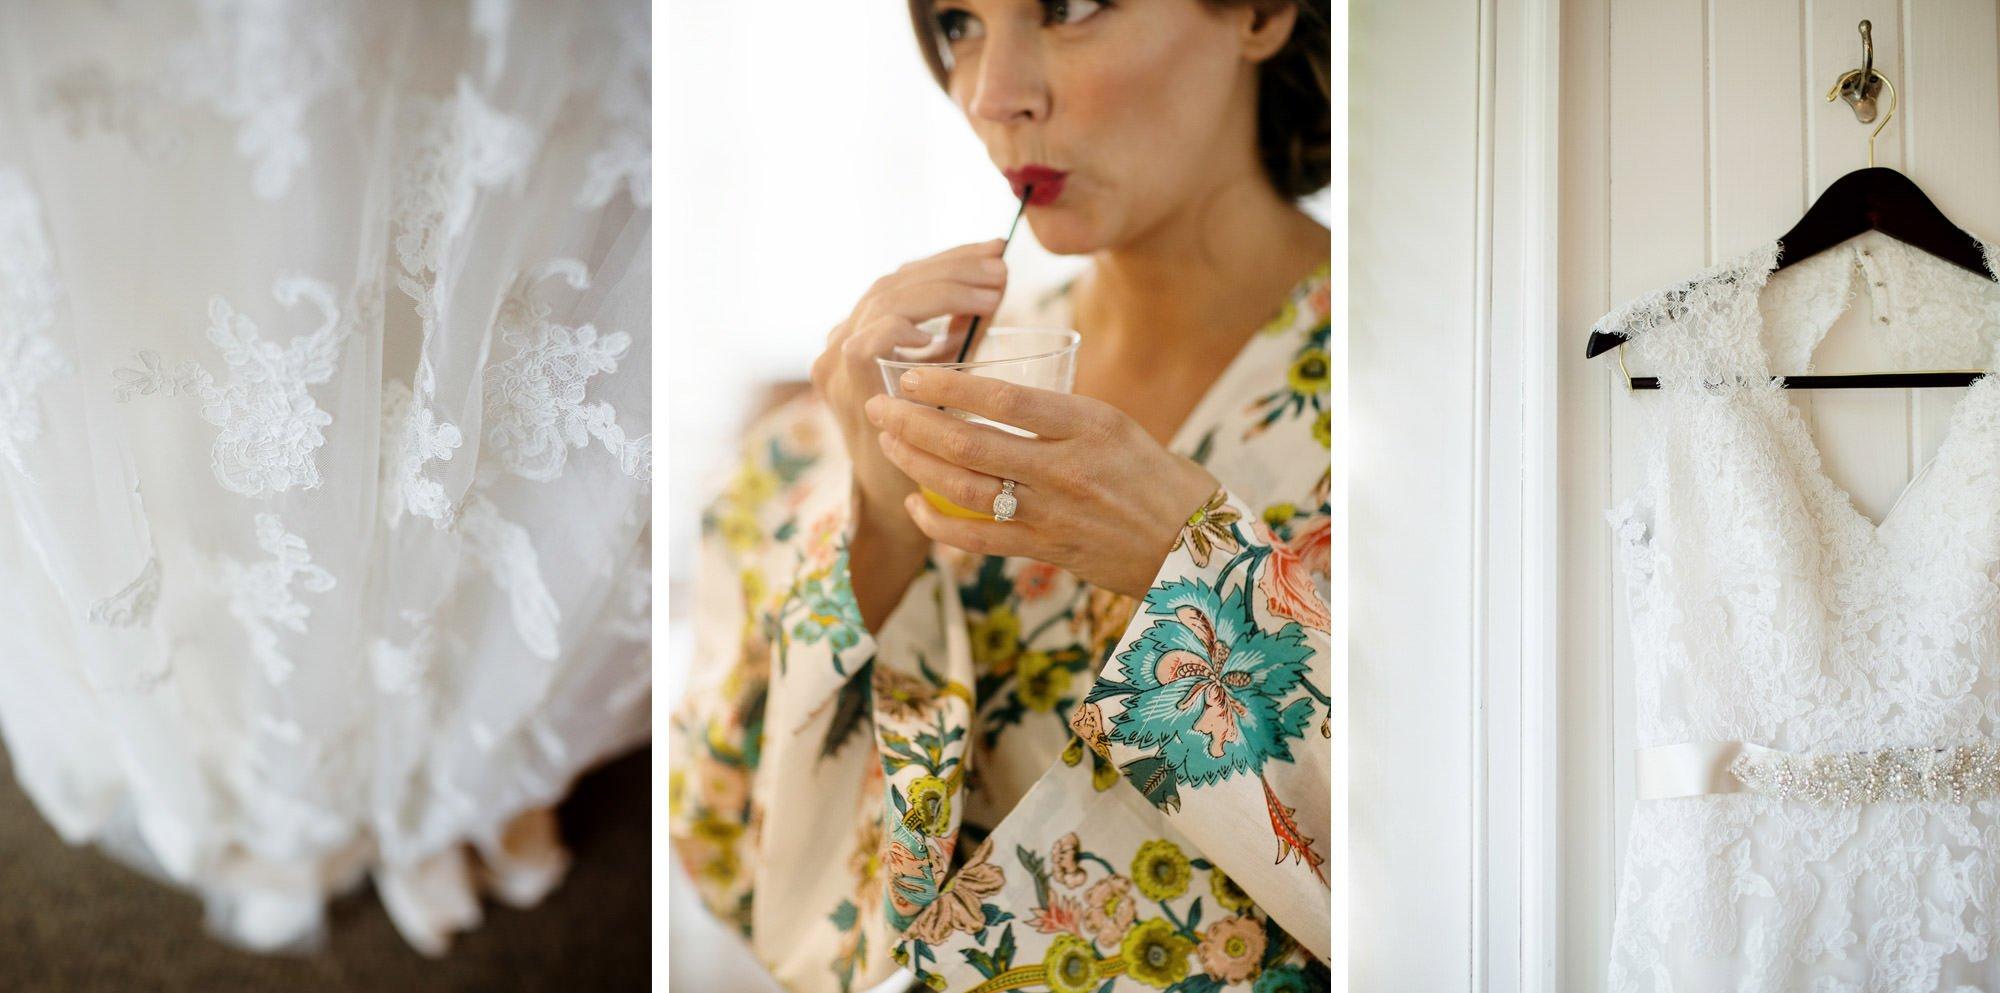 The bride's details.